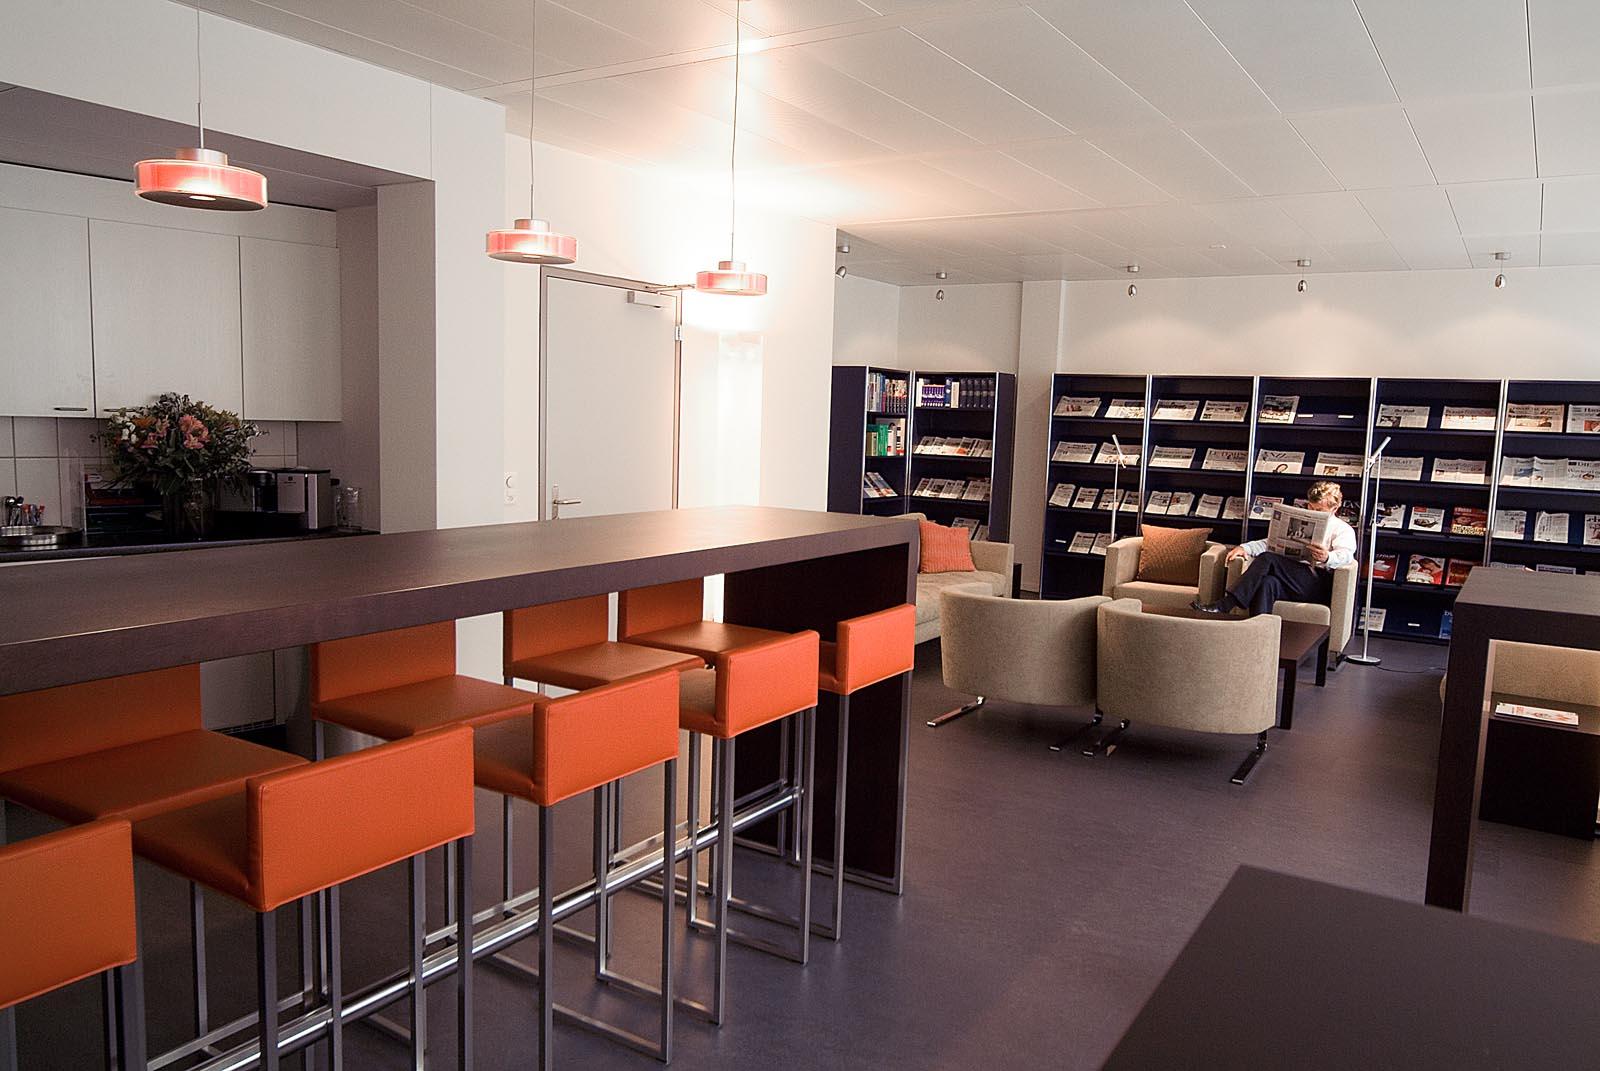 Eine modulare business bar f r die economie suisse regula hotz raumgestaltung - Kaffeebar mobel ...